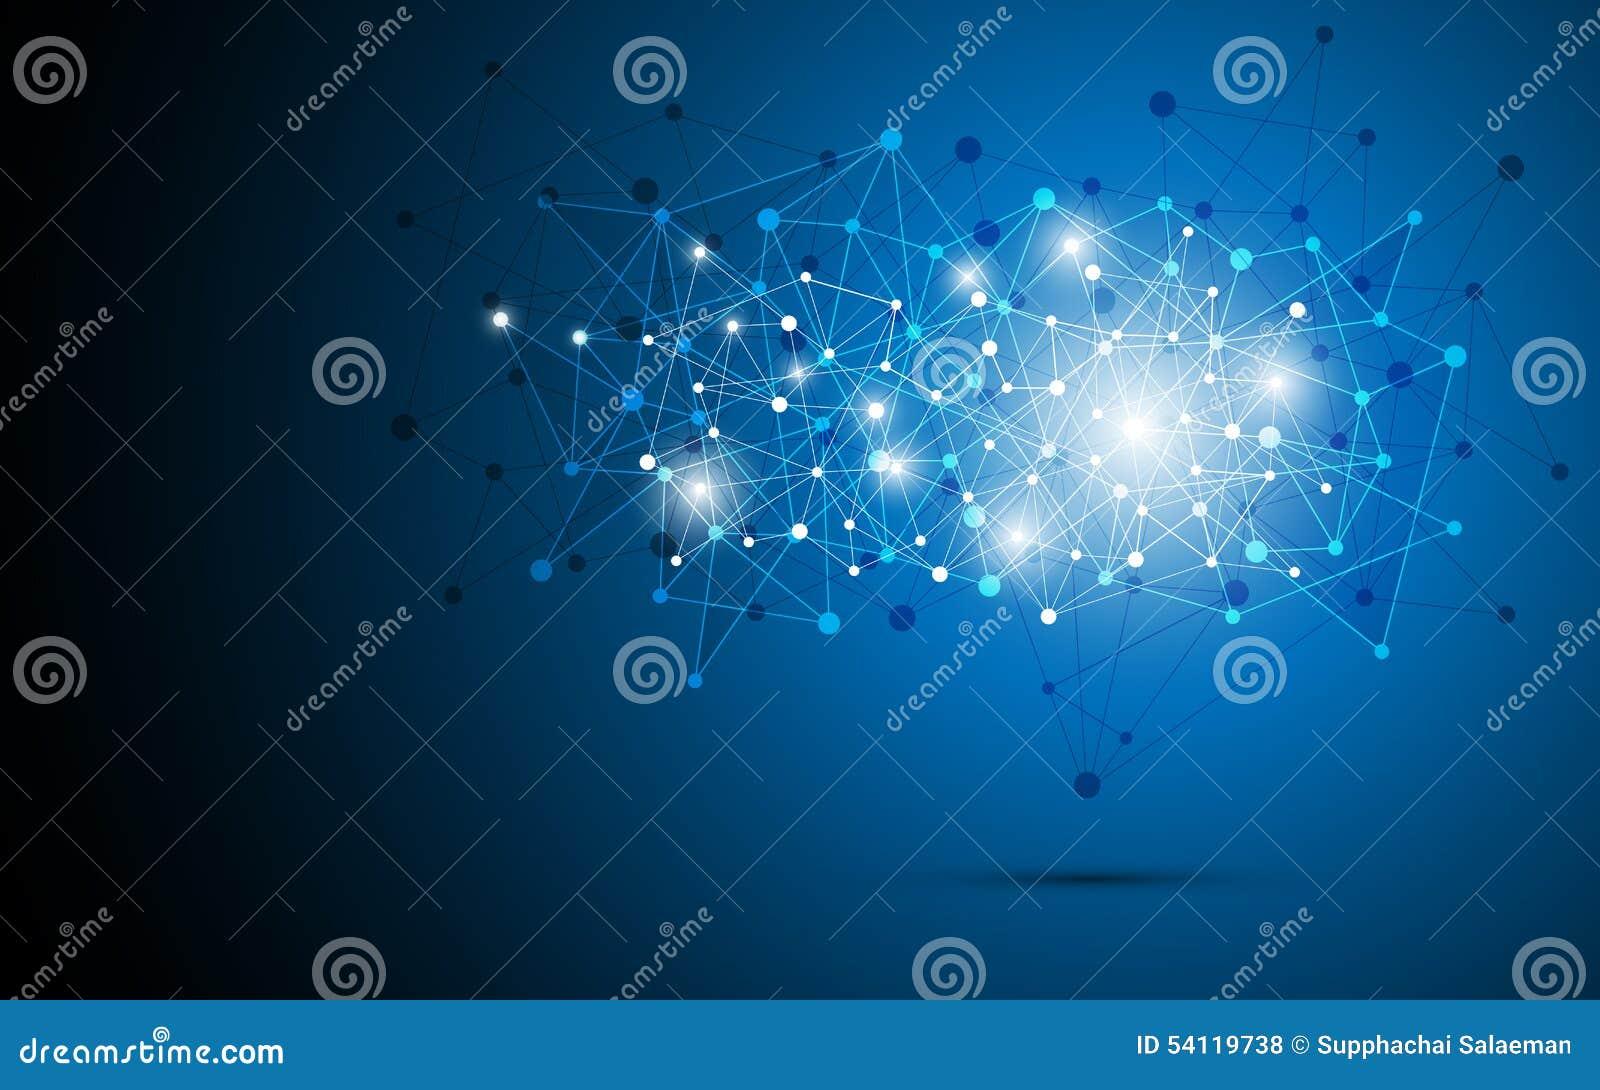 抽象结构网络连接点多角形设计背景eps 10传染媒介.图片